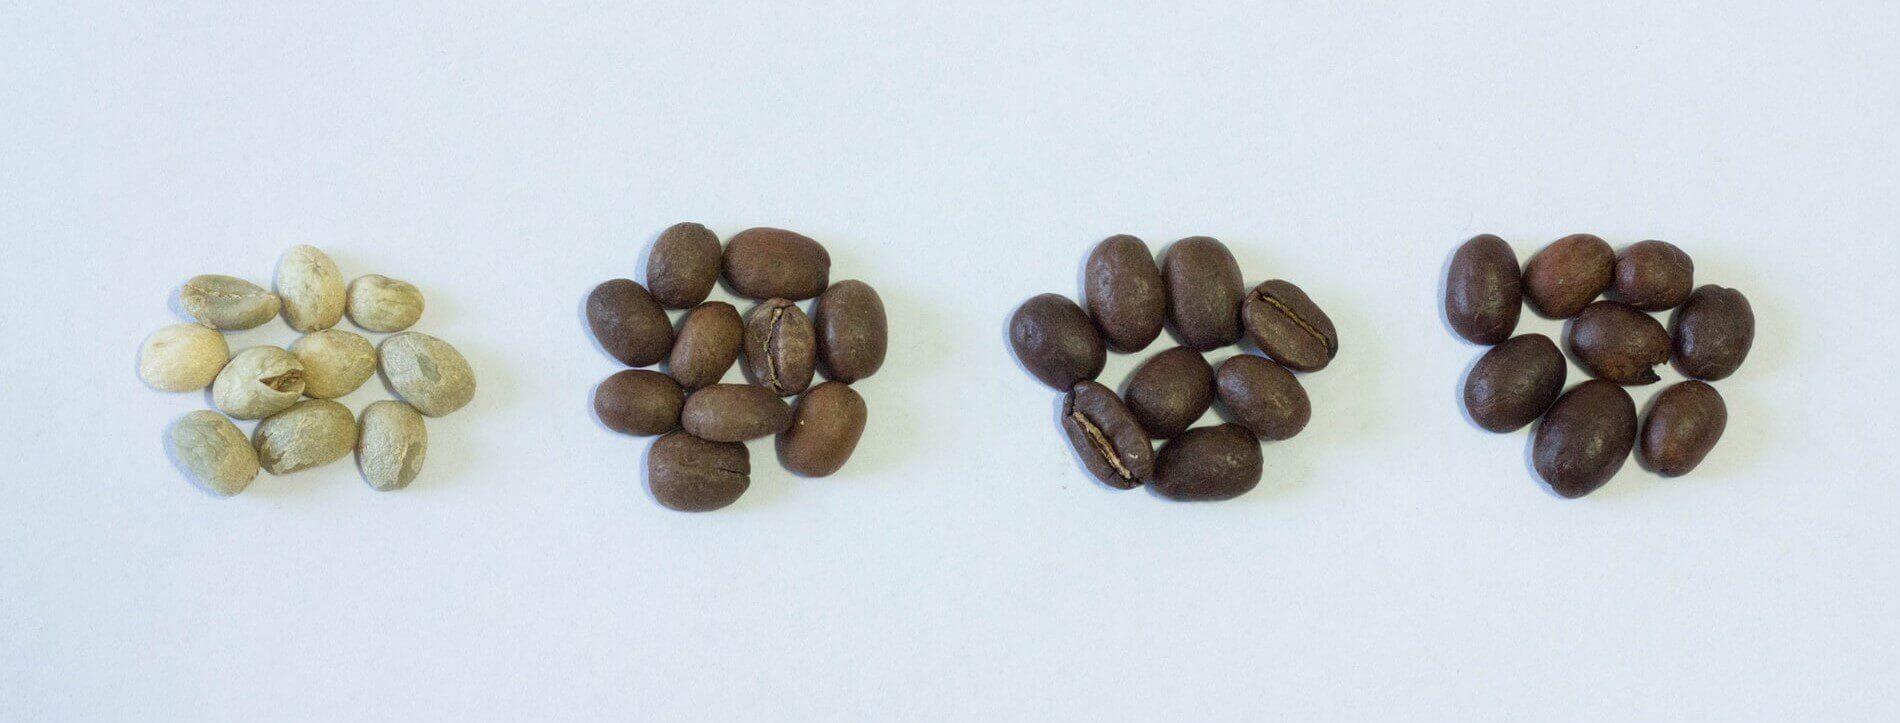 Kaffeeröstungen in drei Röstgraden: hell, mittel und dunkel